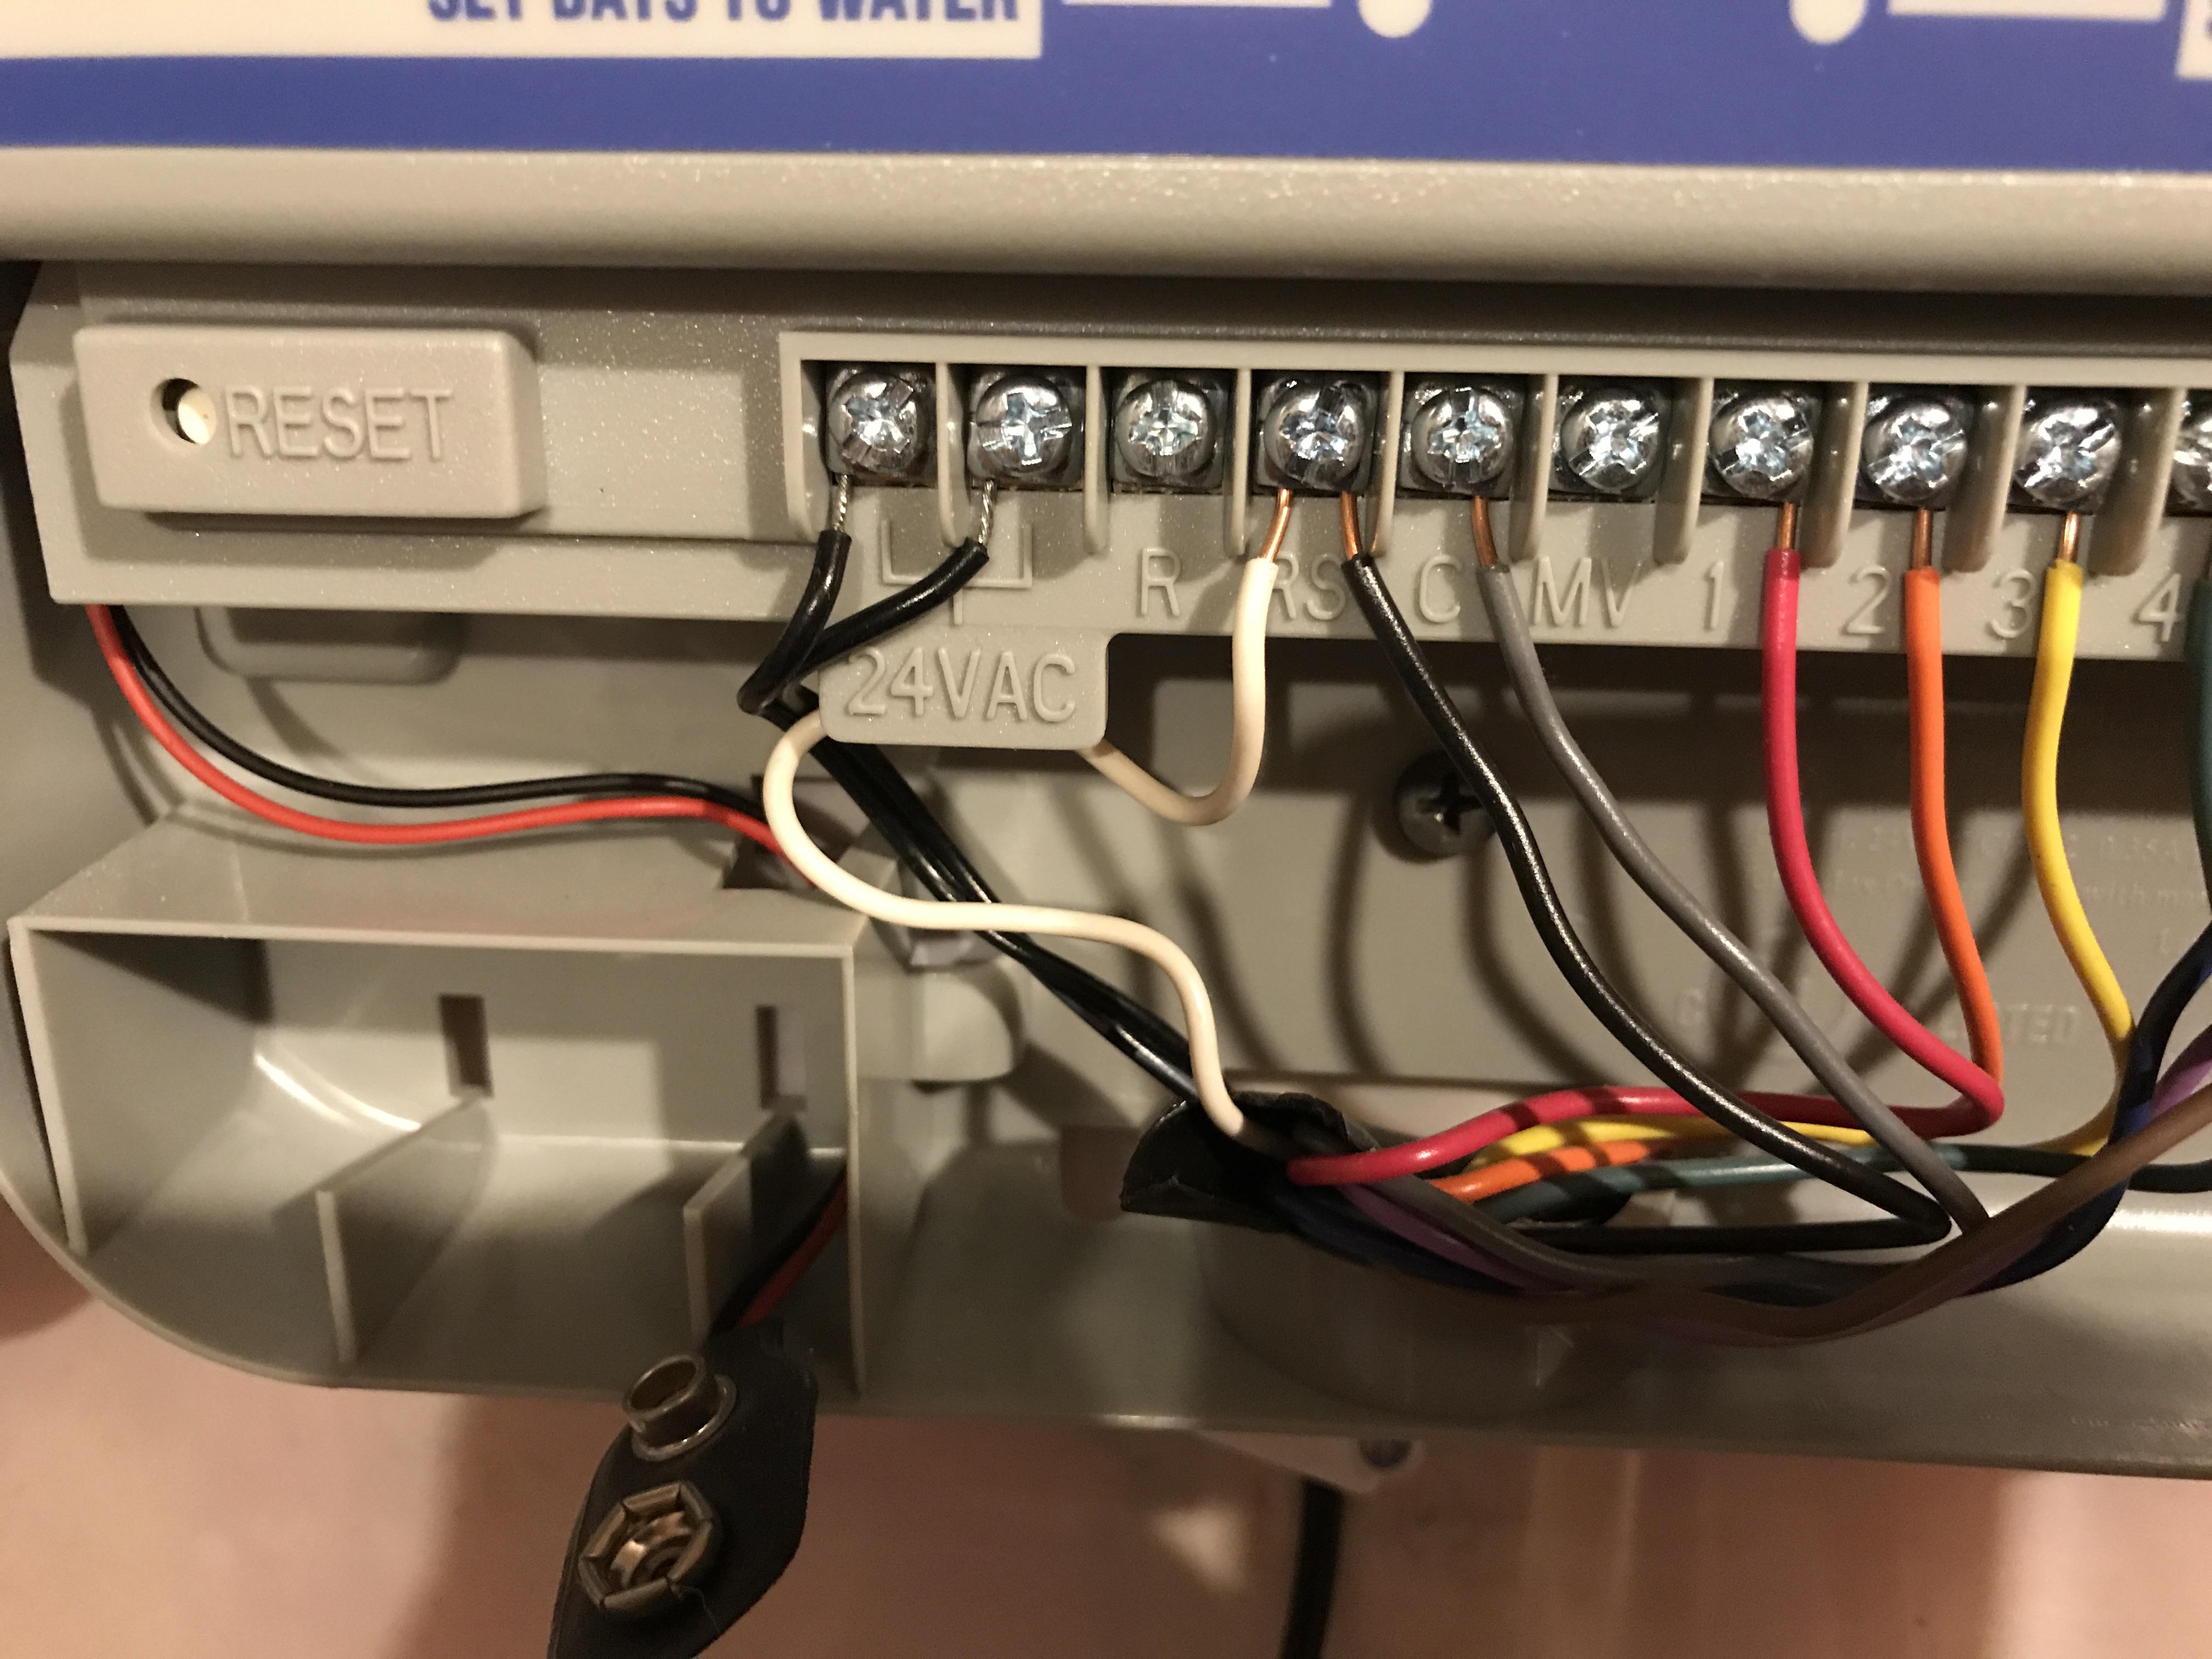 hunter pro c sprinkler system wiring diagram new holland skid steer src 25 images